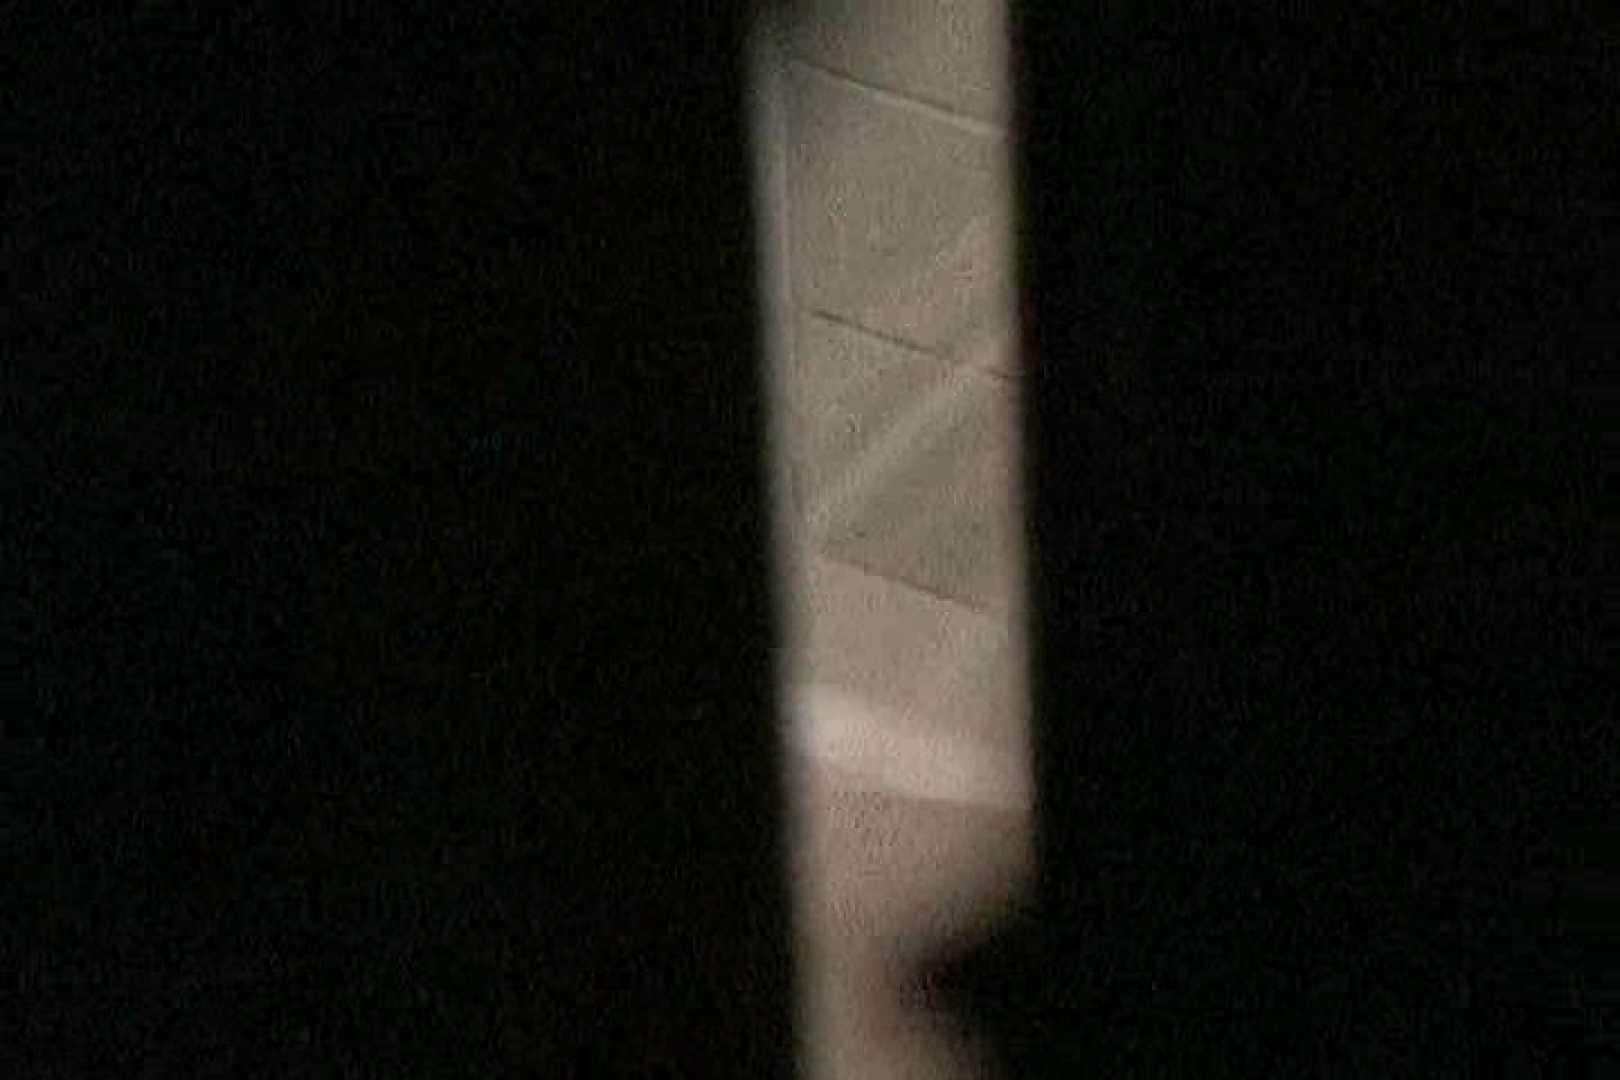 民家の騎士さんの最後の性戦Vol.1 民家エロ投稿  101画像 16